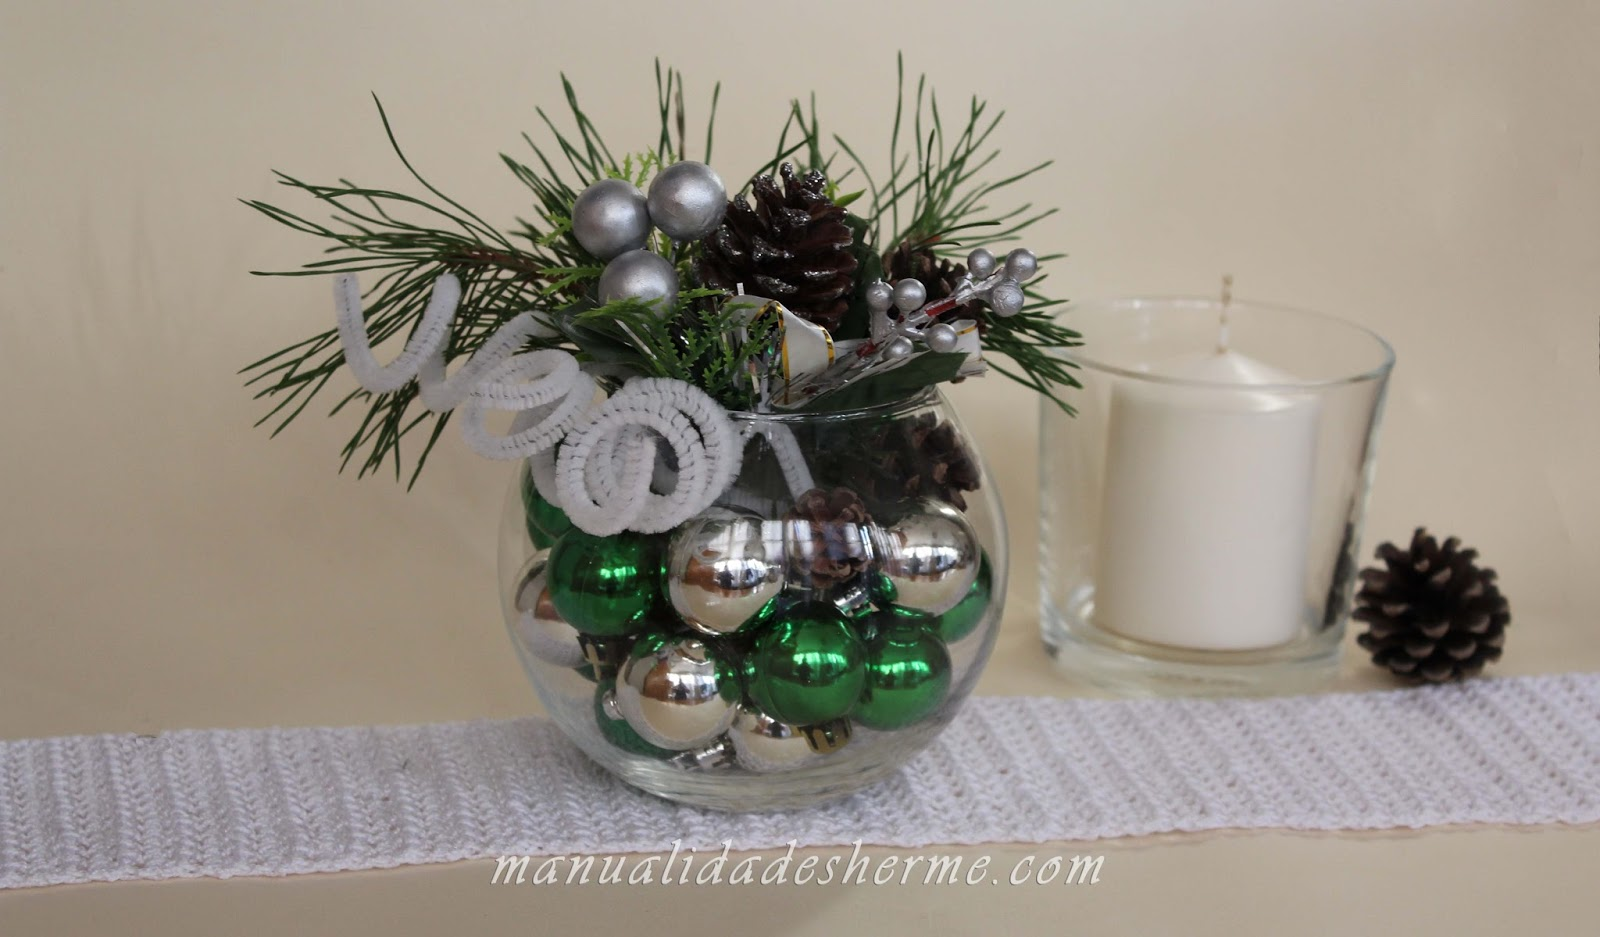 manualidades herme como hacer un centro de mesa navide o